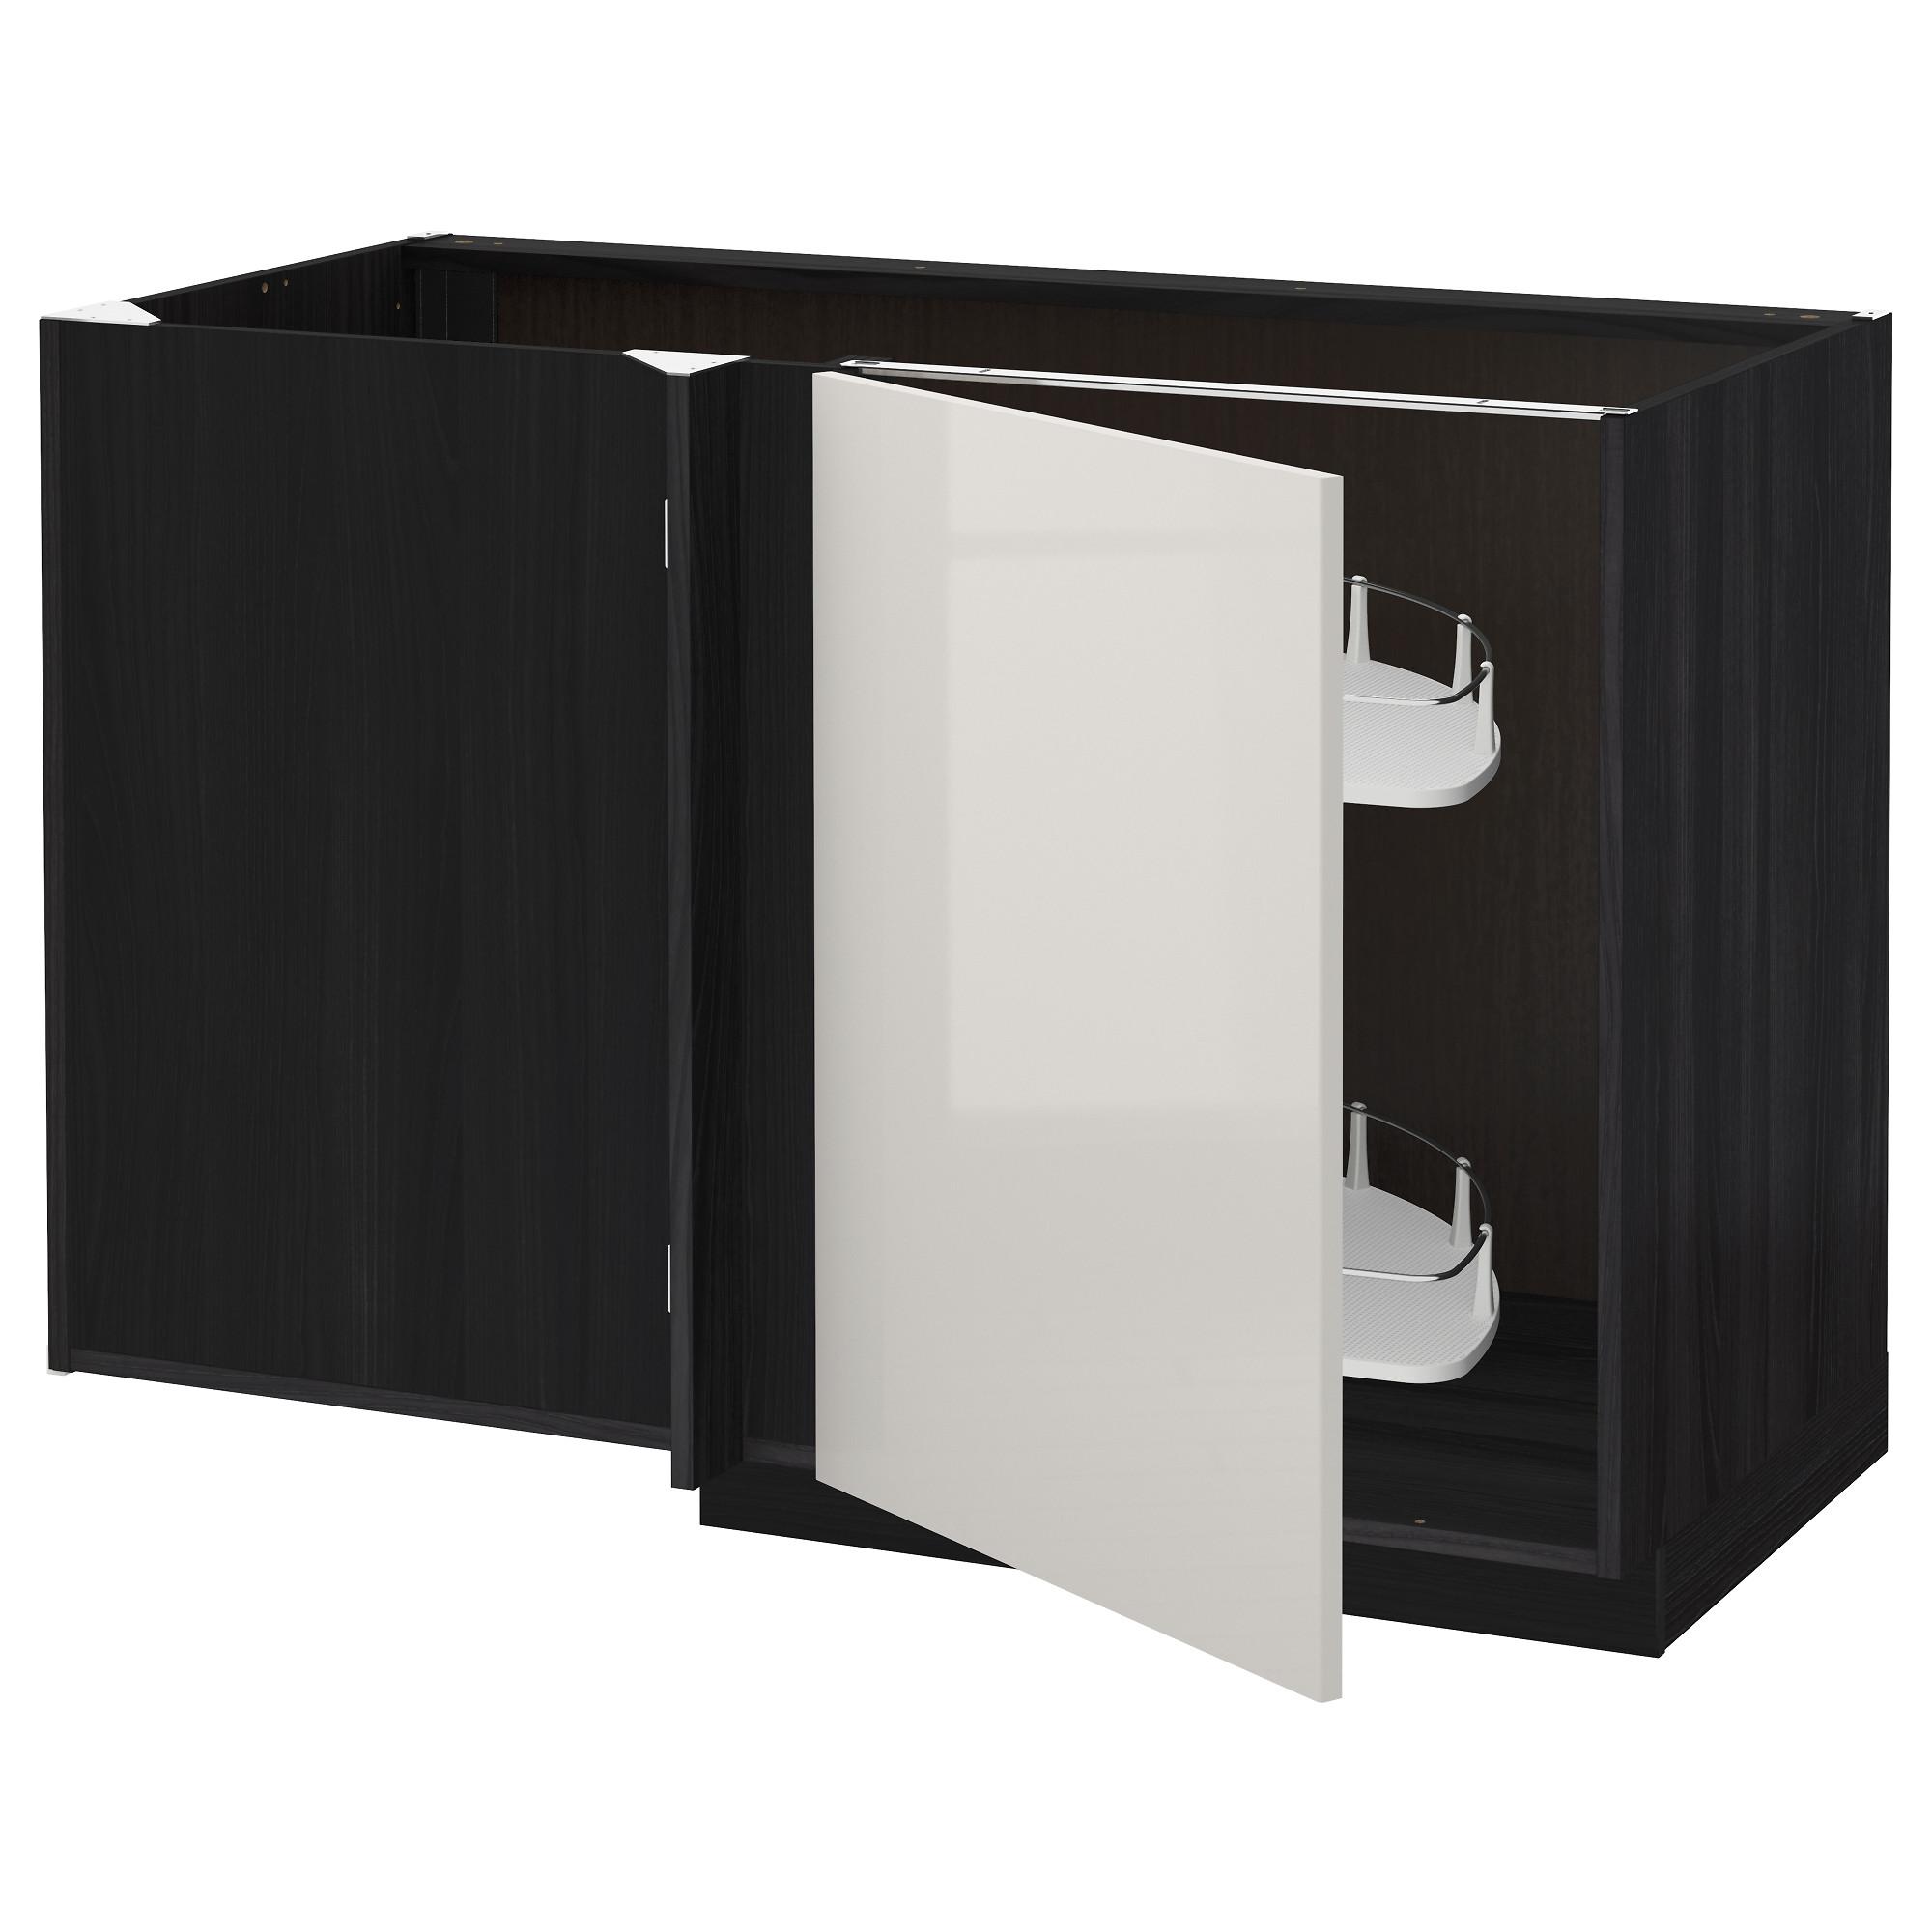 Угловой напольный шкаф с выдвижной секцией МЕТОД черный артикуль № 792.318.80 в наличии. Онлайн магазин IKEA Республика Беларусь. Недорогая доставка и монтаж.